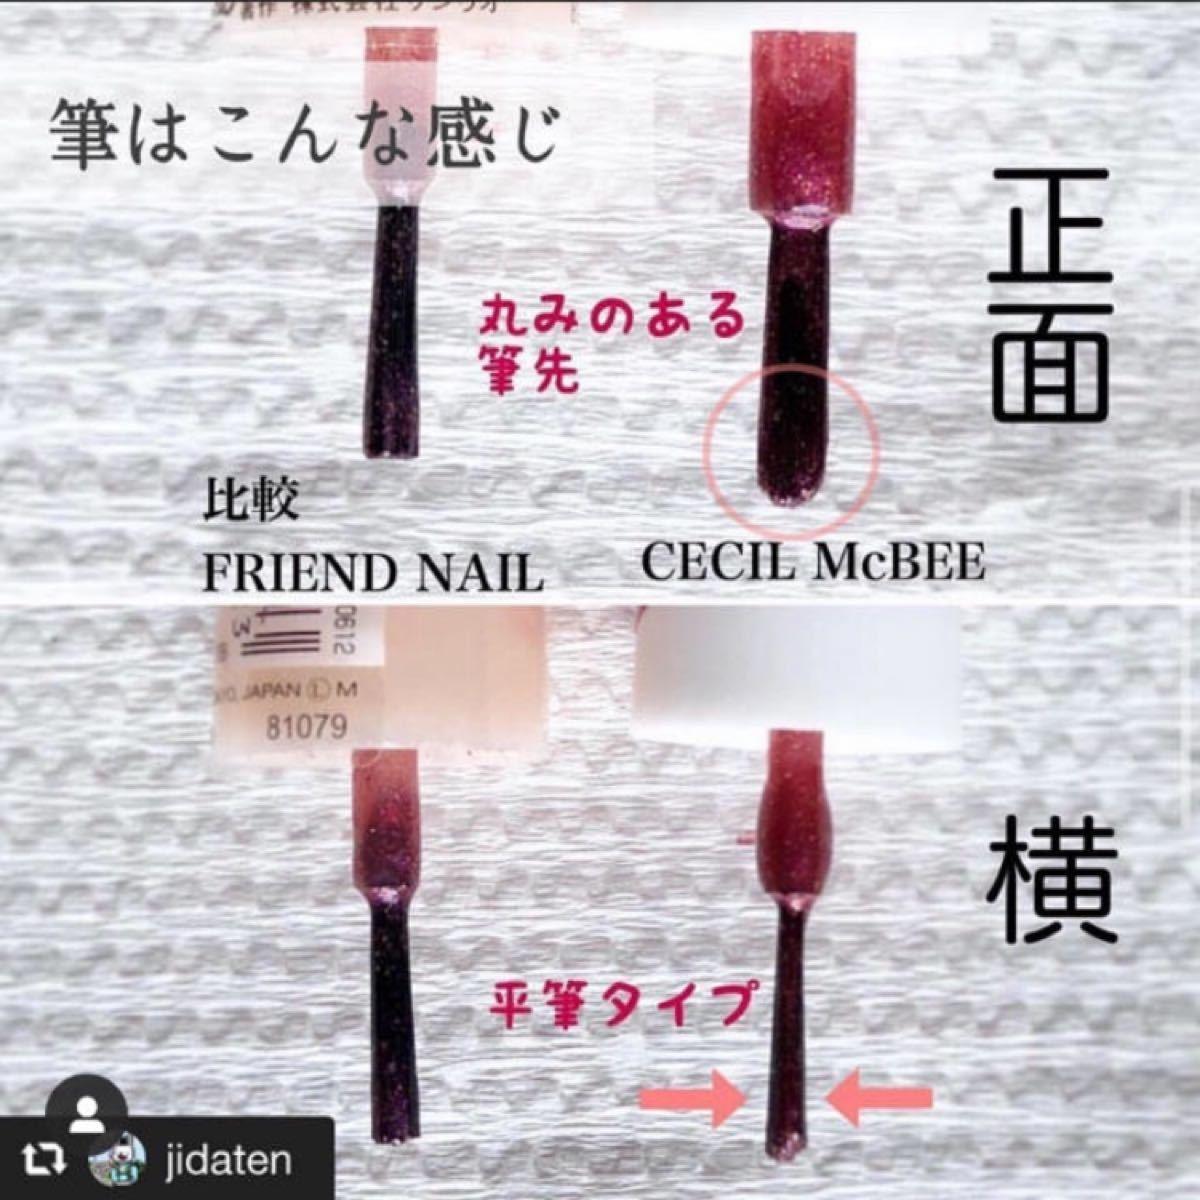 セシルマクビー CECIL Mc BEE ネイル  マニキュア まとめ売り